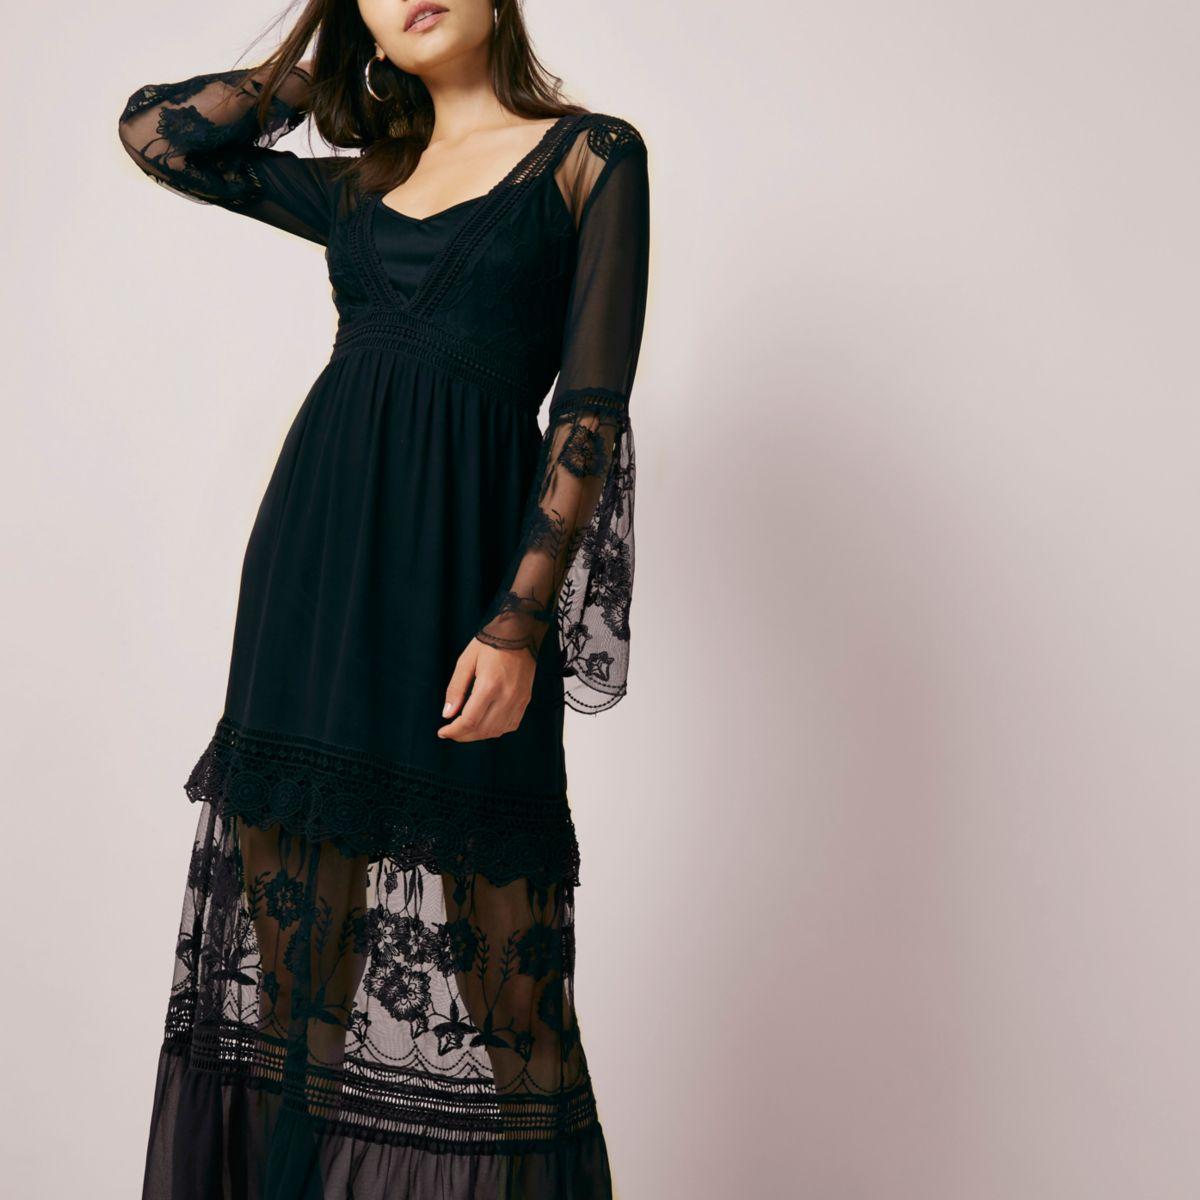 Robe longue en dentelle noire à manches évasées